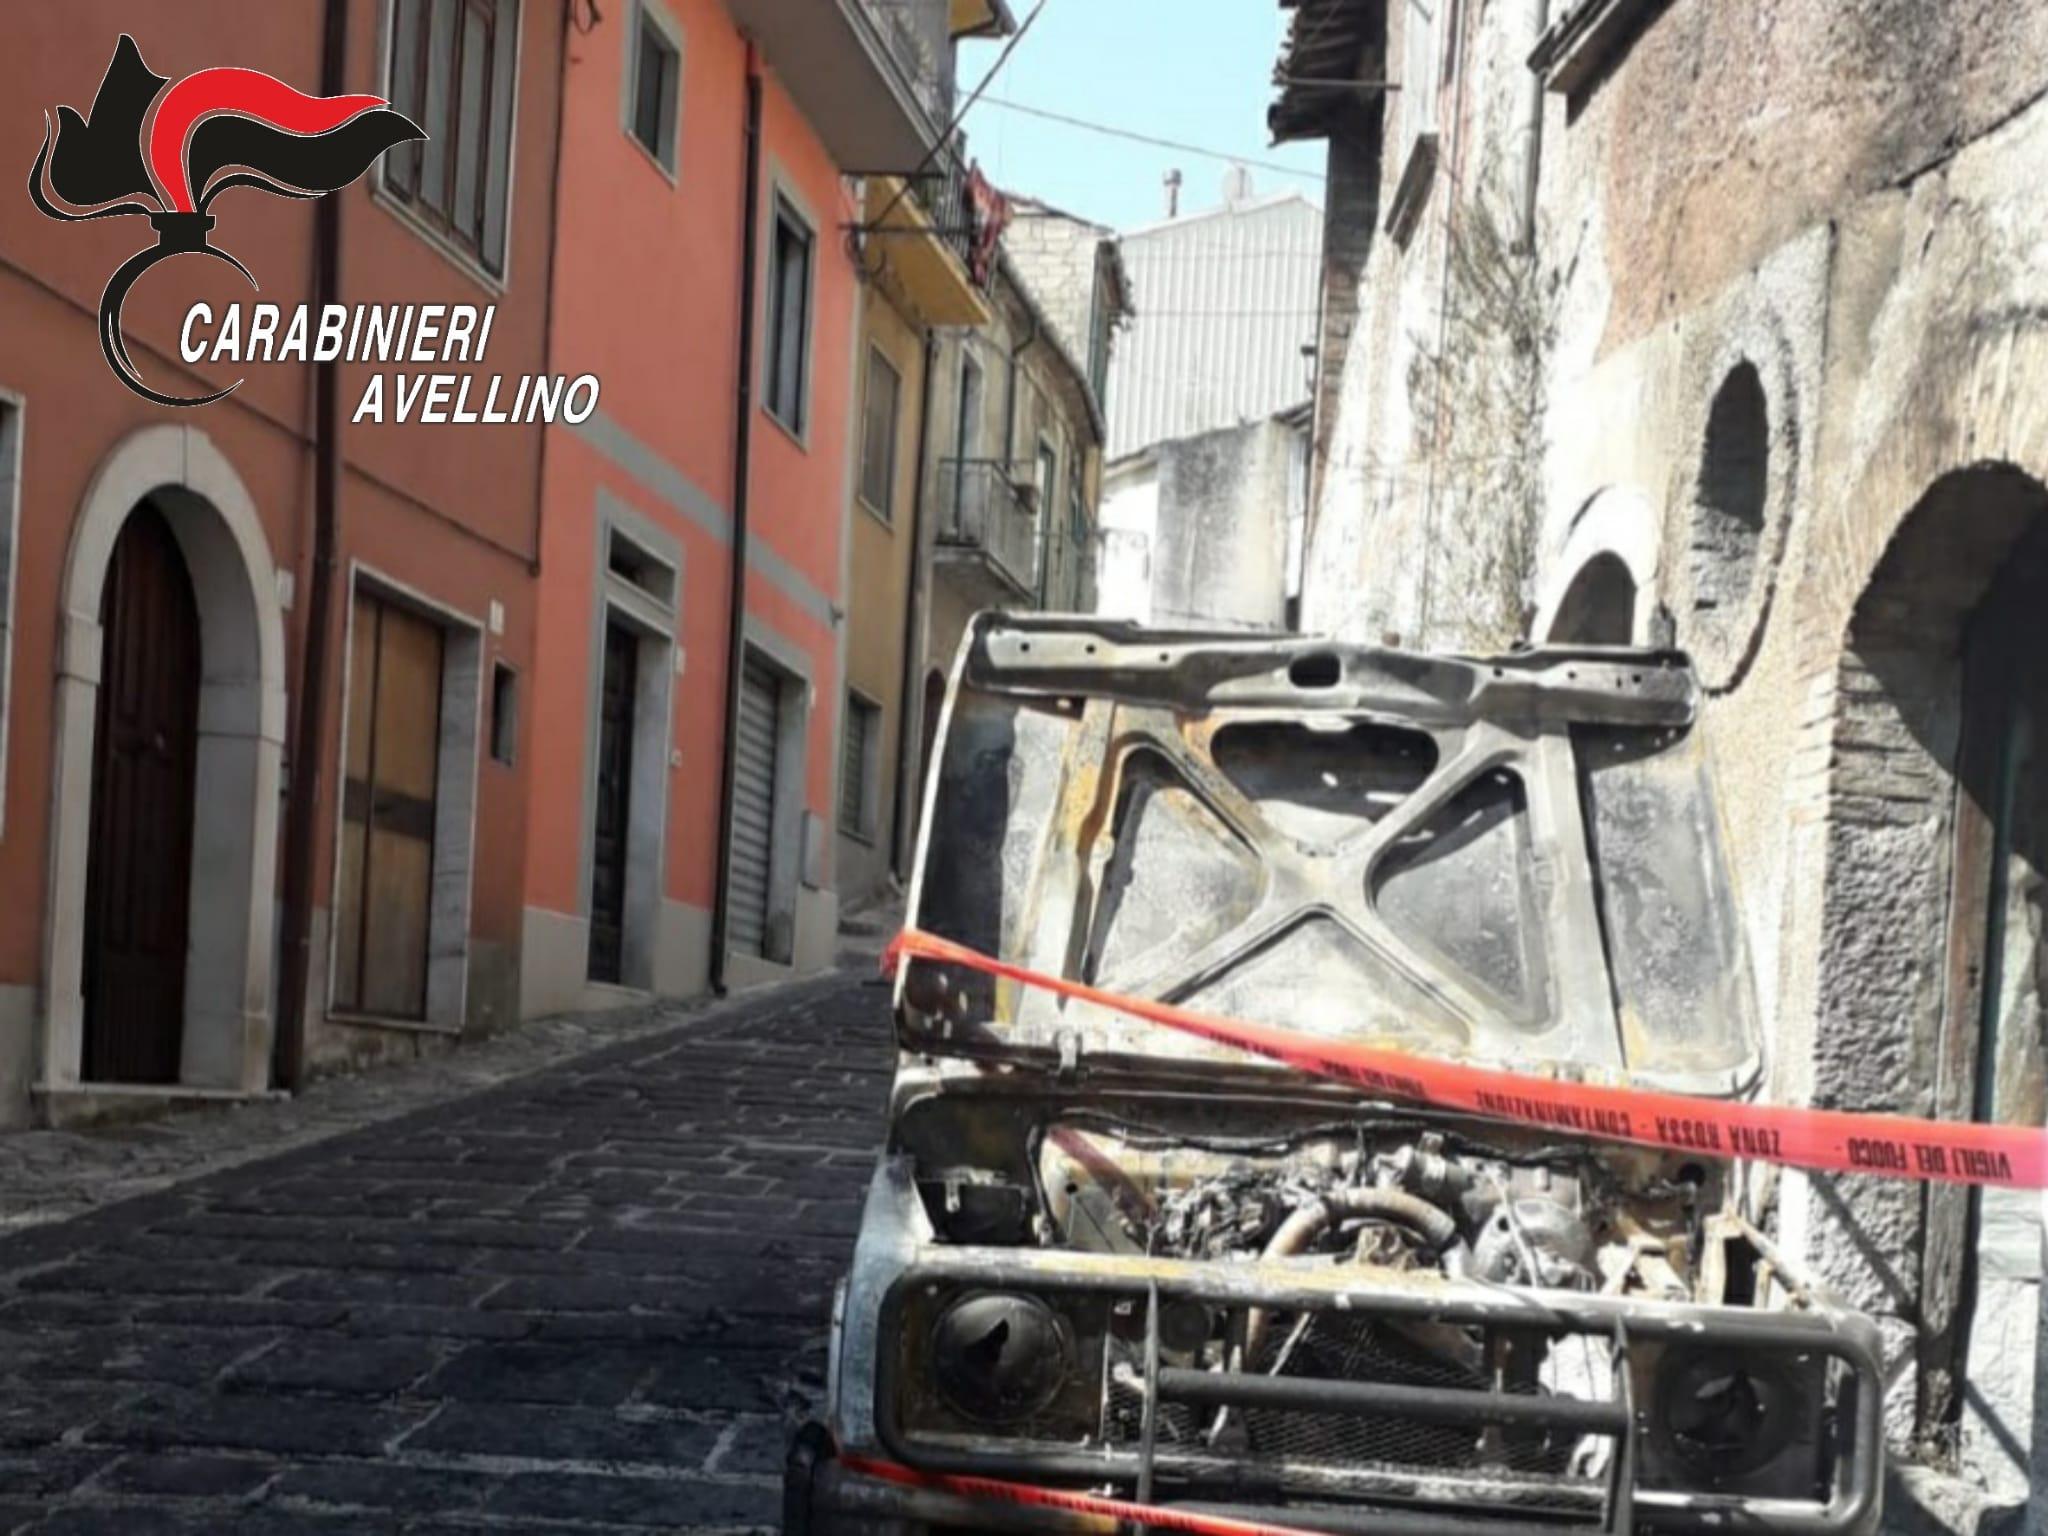 Volturara Irpina| Suzuki Samurai in fiamme nella notte, danneggiata anche la linea elettrica